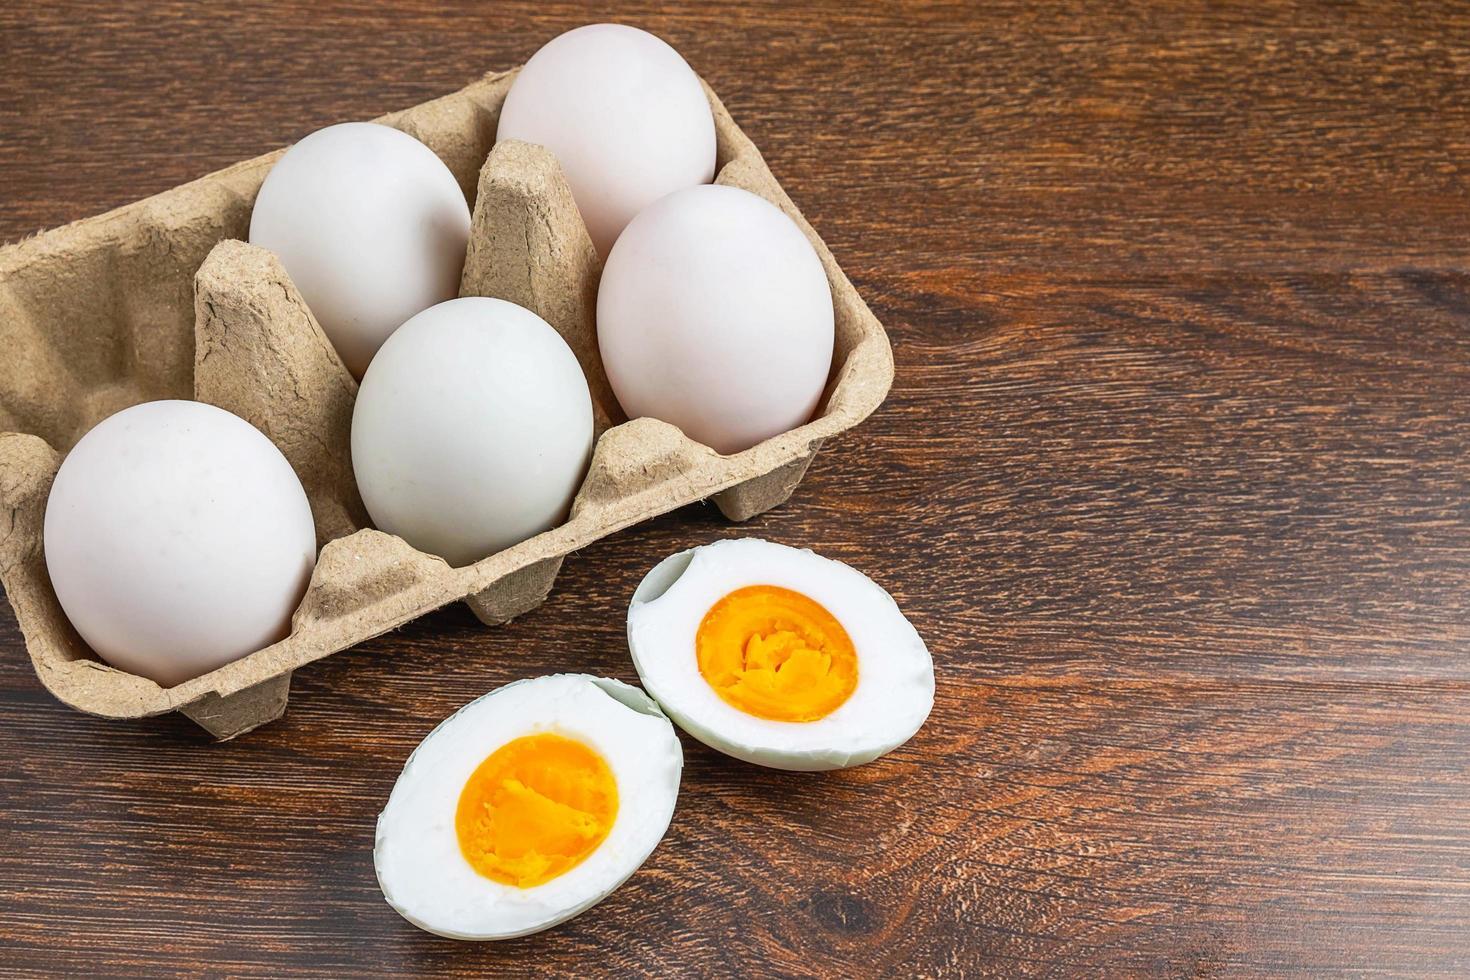 hart gekochtes Entenei in Scheiben geschnitten neben ganzen Eiern in einem Karton auf einem Holztisch foto